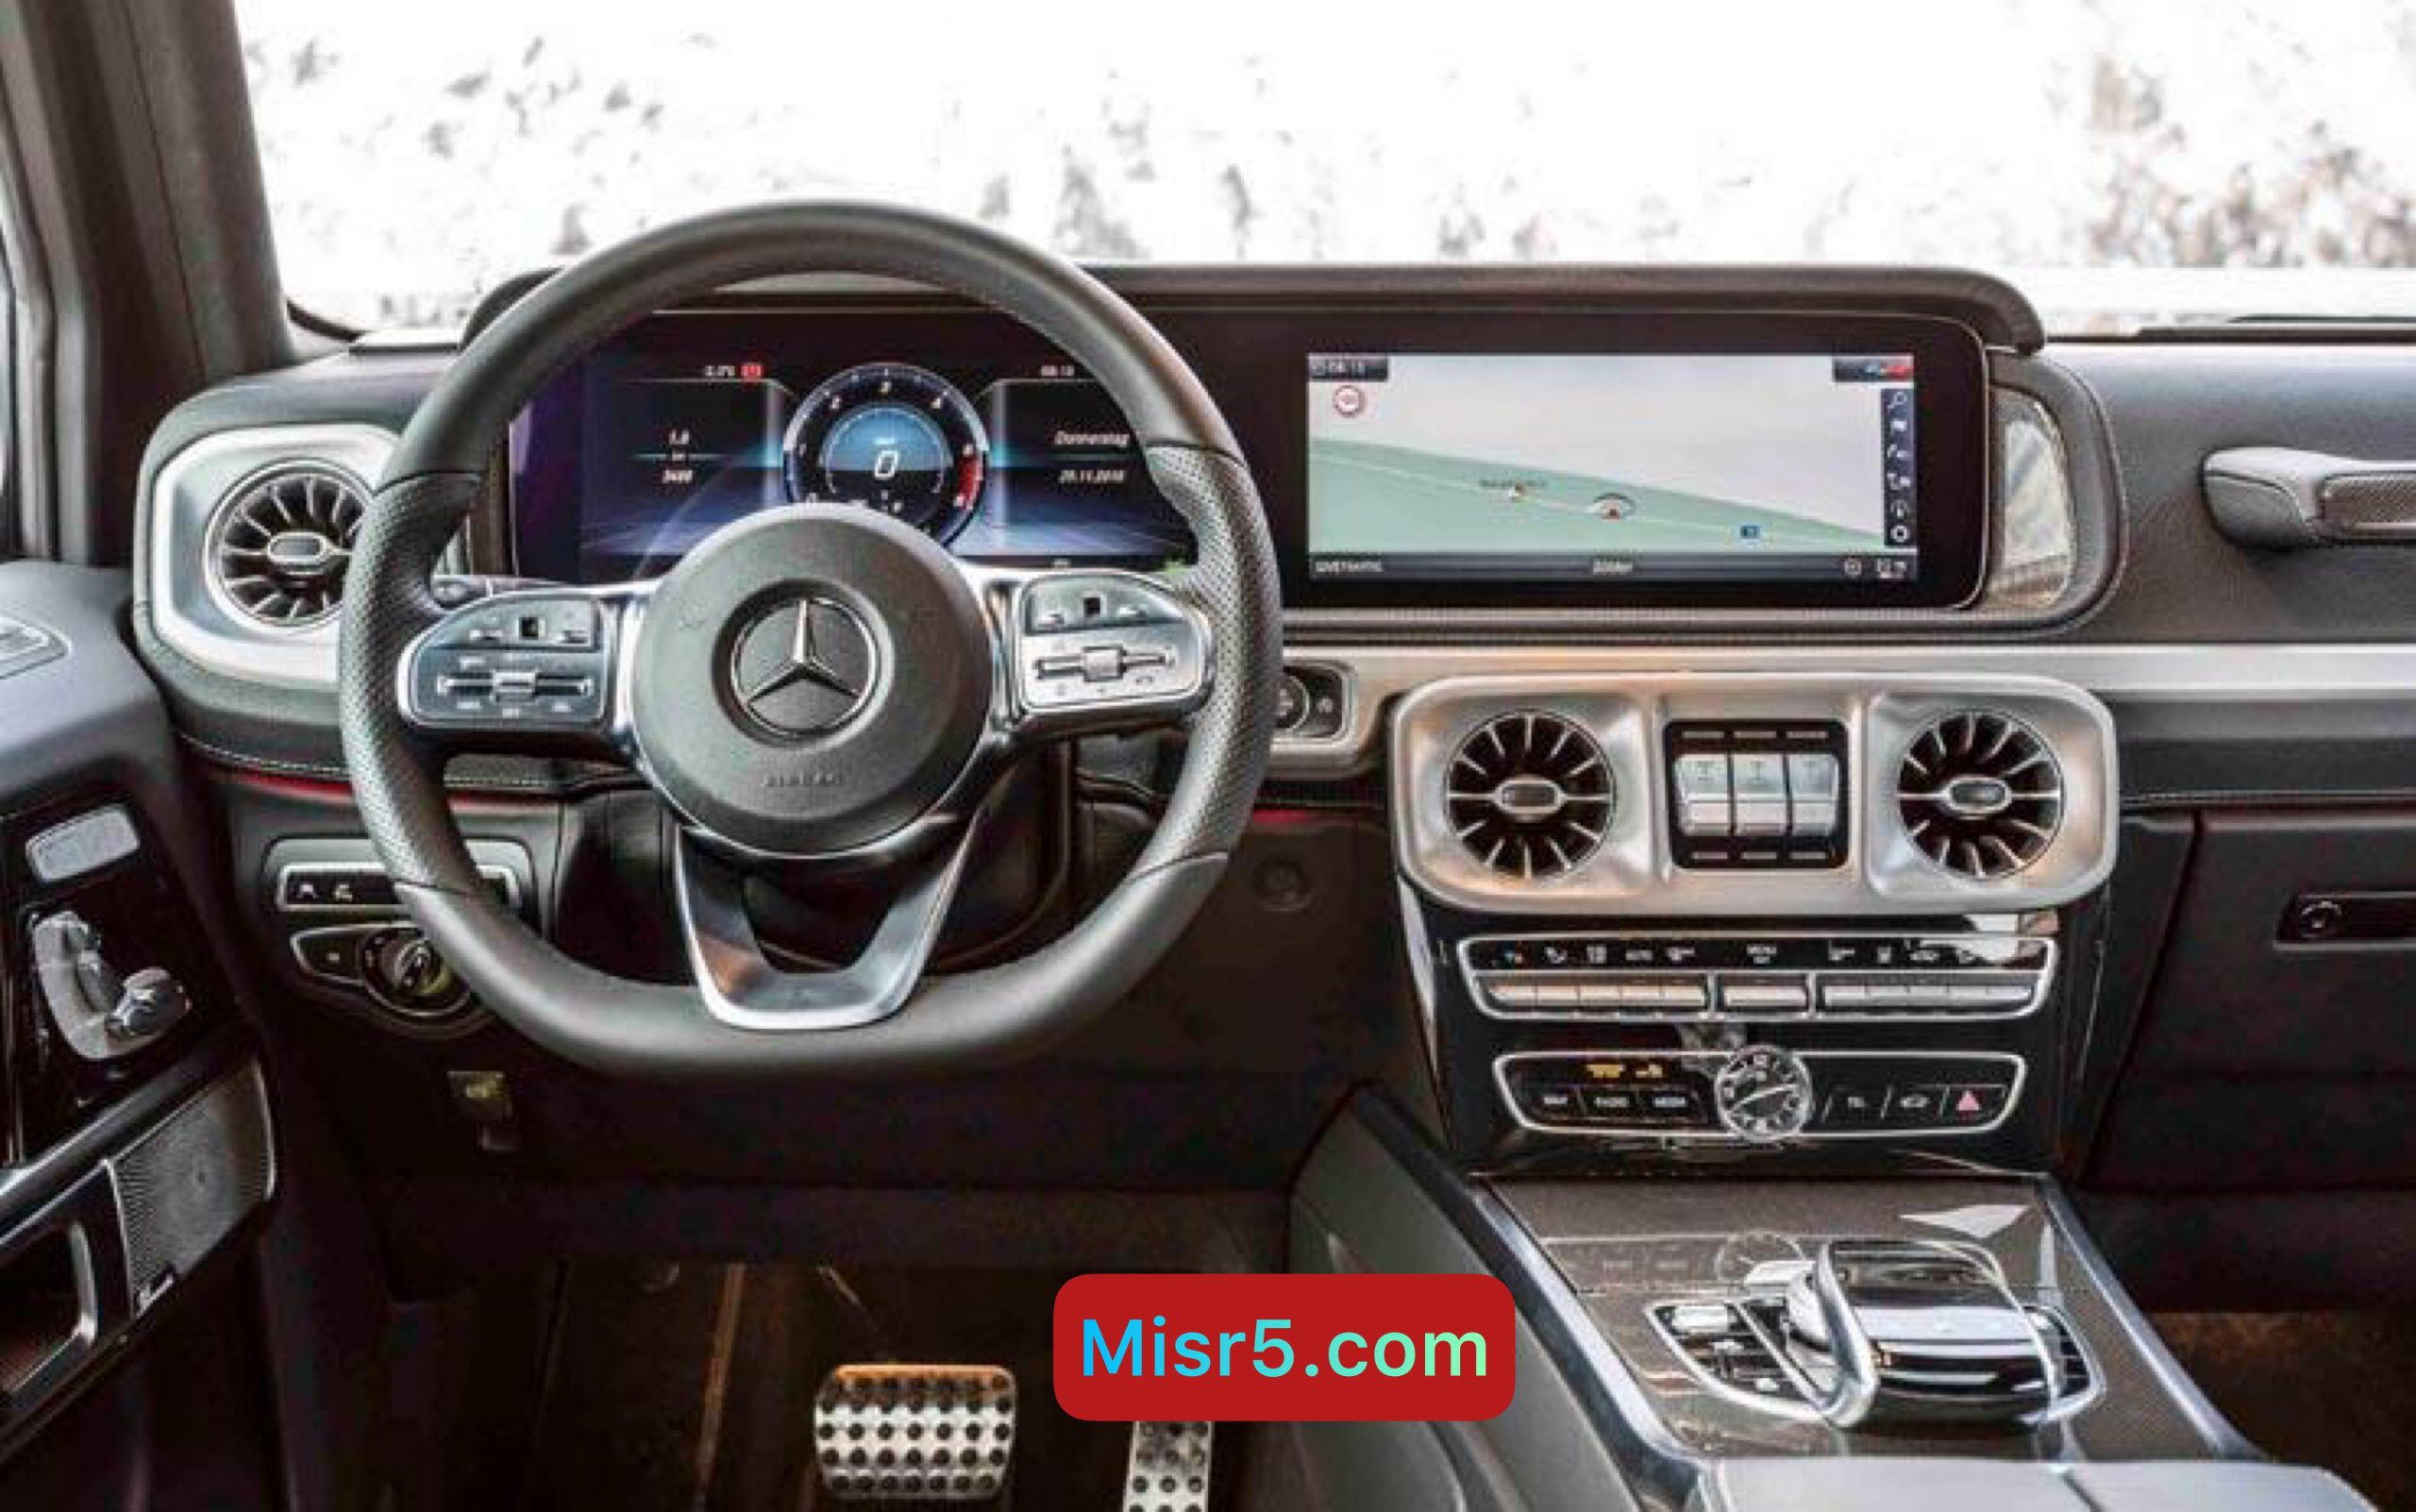 بالصور | مرسيدس جي كلاس G- class الجديدة 3.5 مليون جنيه مصرى 1